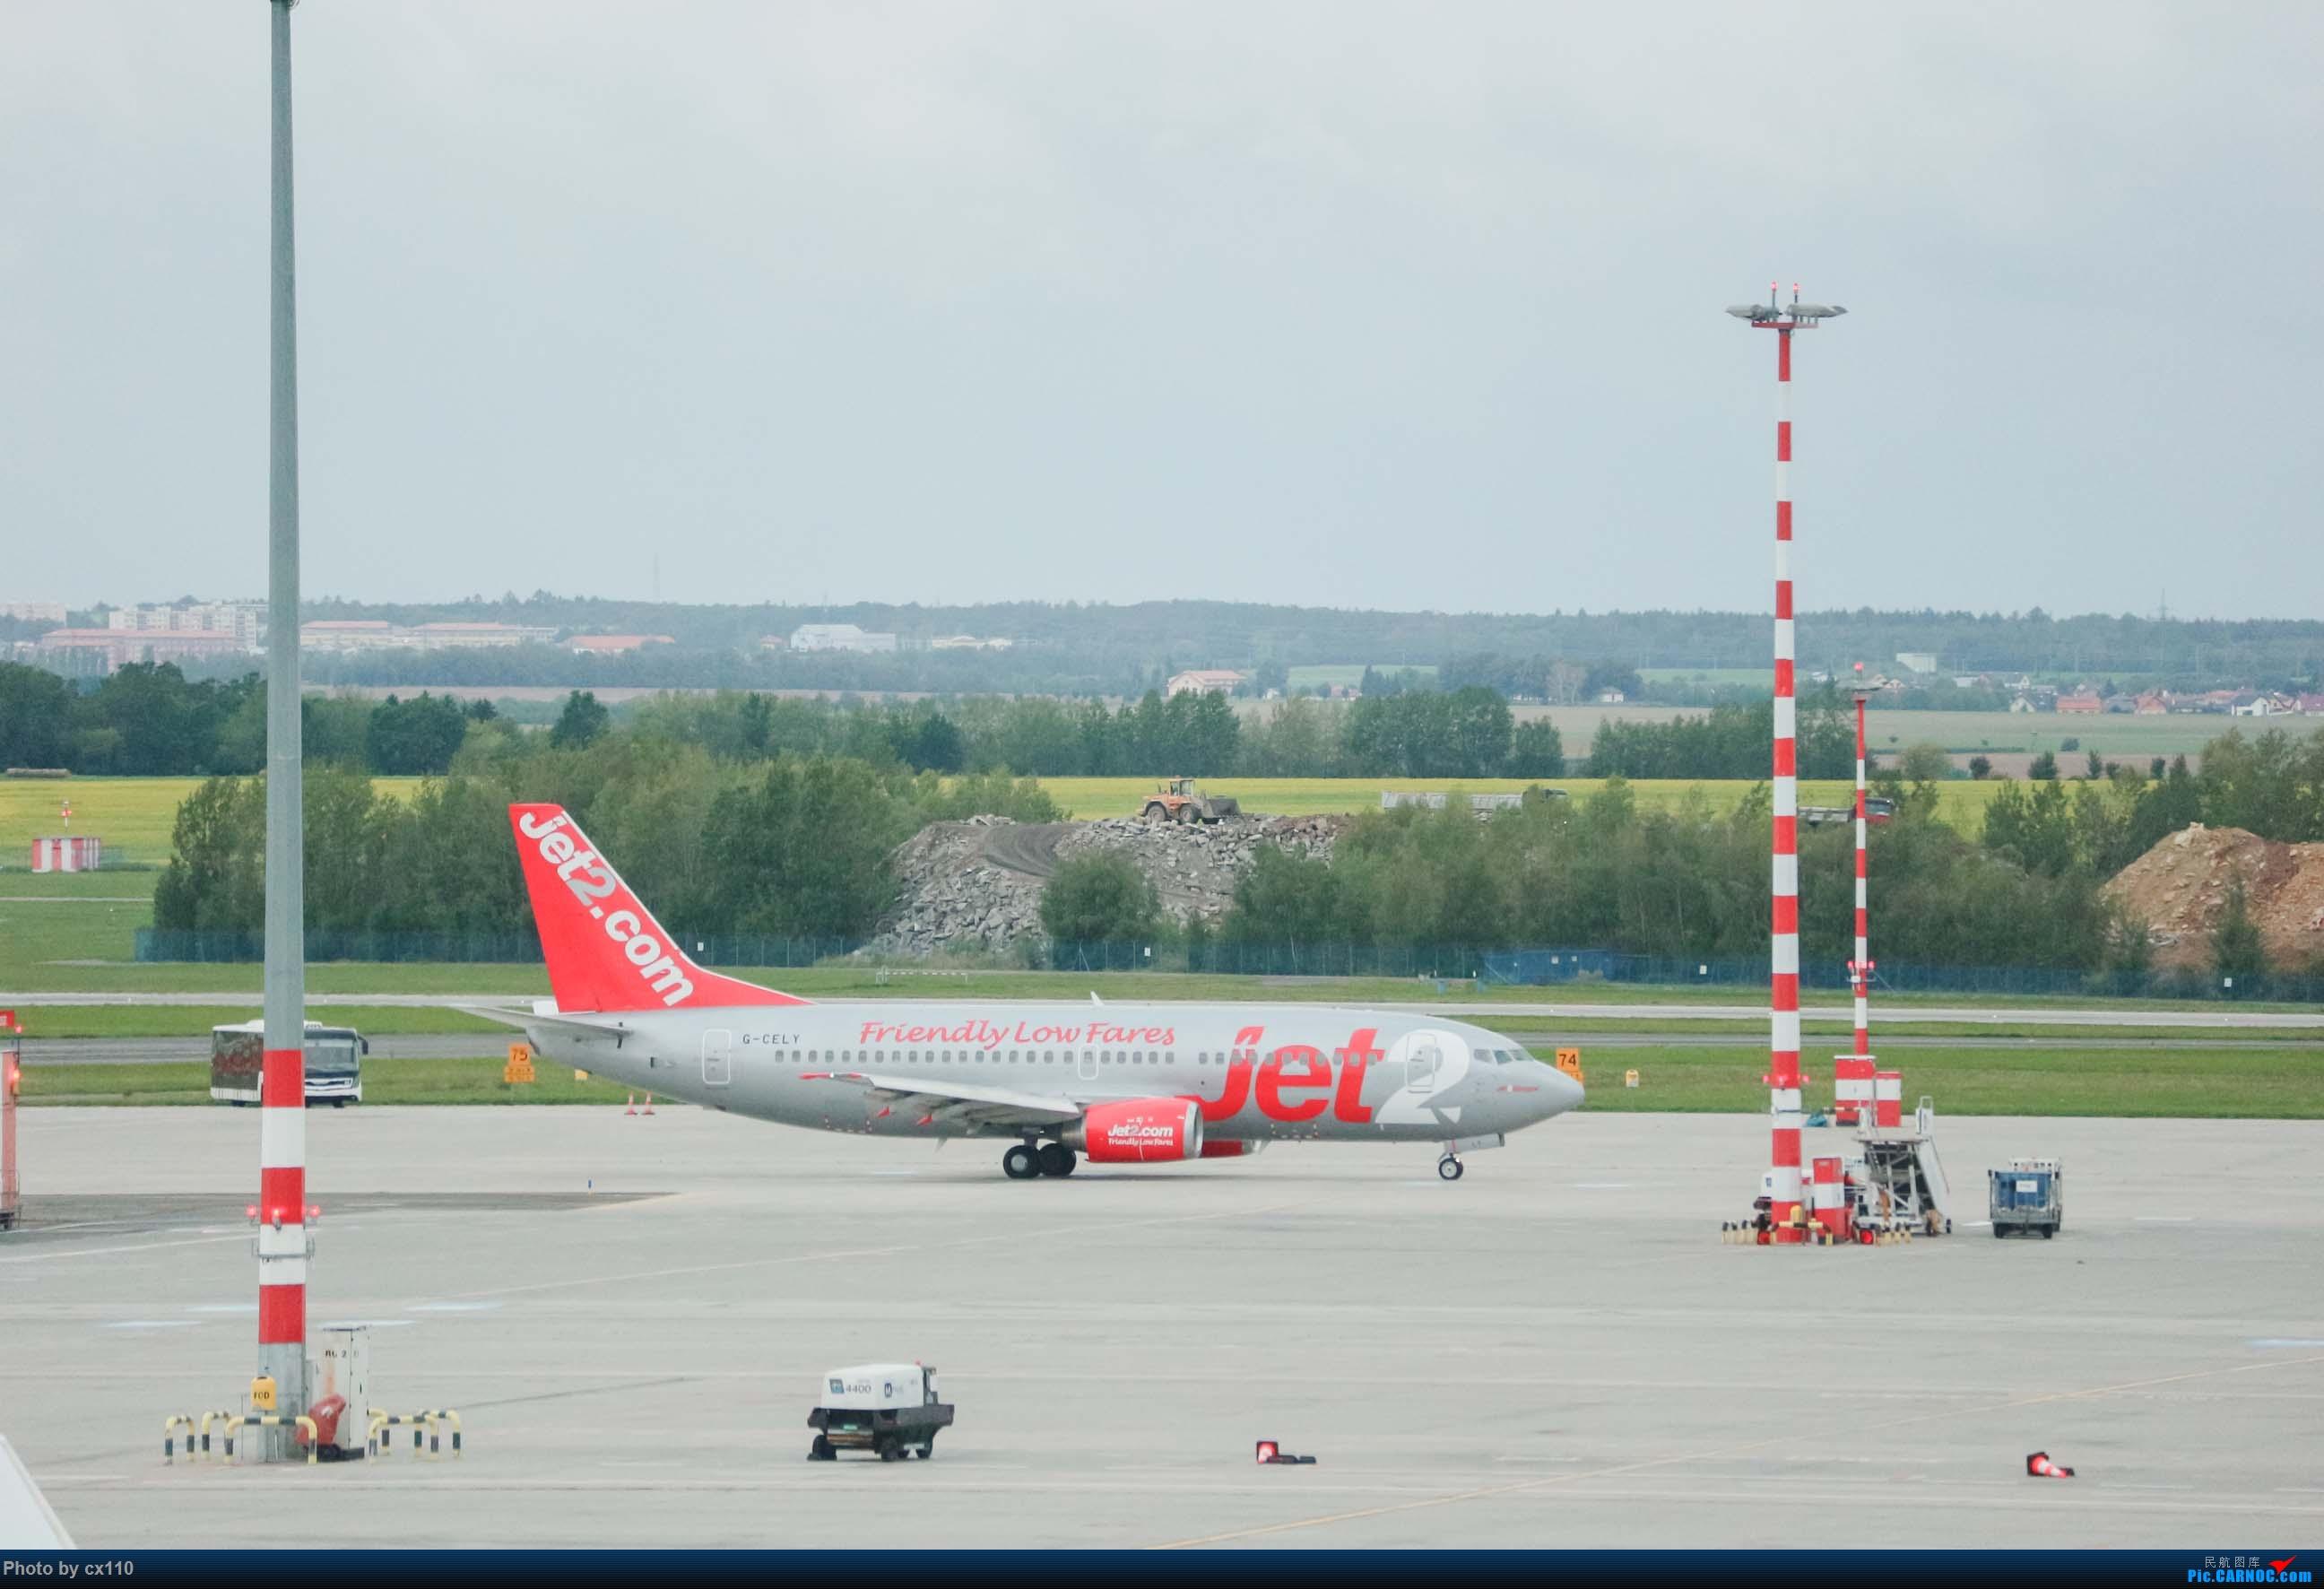 Re:[原创]欧洲机场拍机记-柏林/赫尔辛基/布拉格 BOEING 737-300 G-CELY 捷克布拉格机场